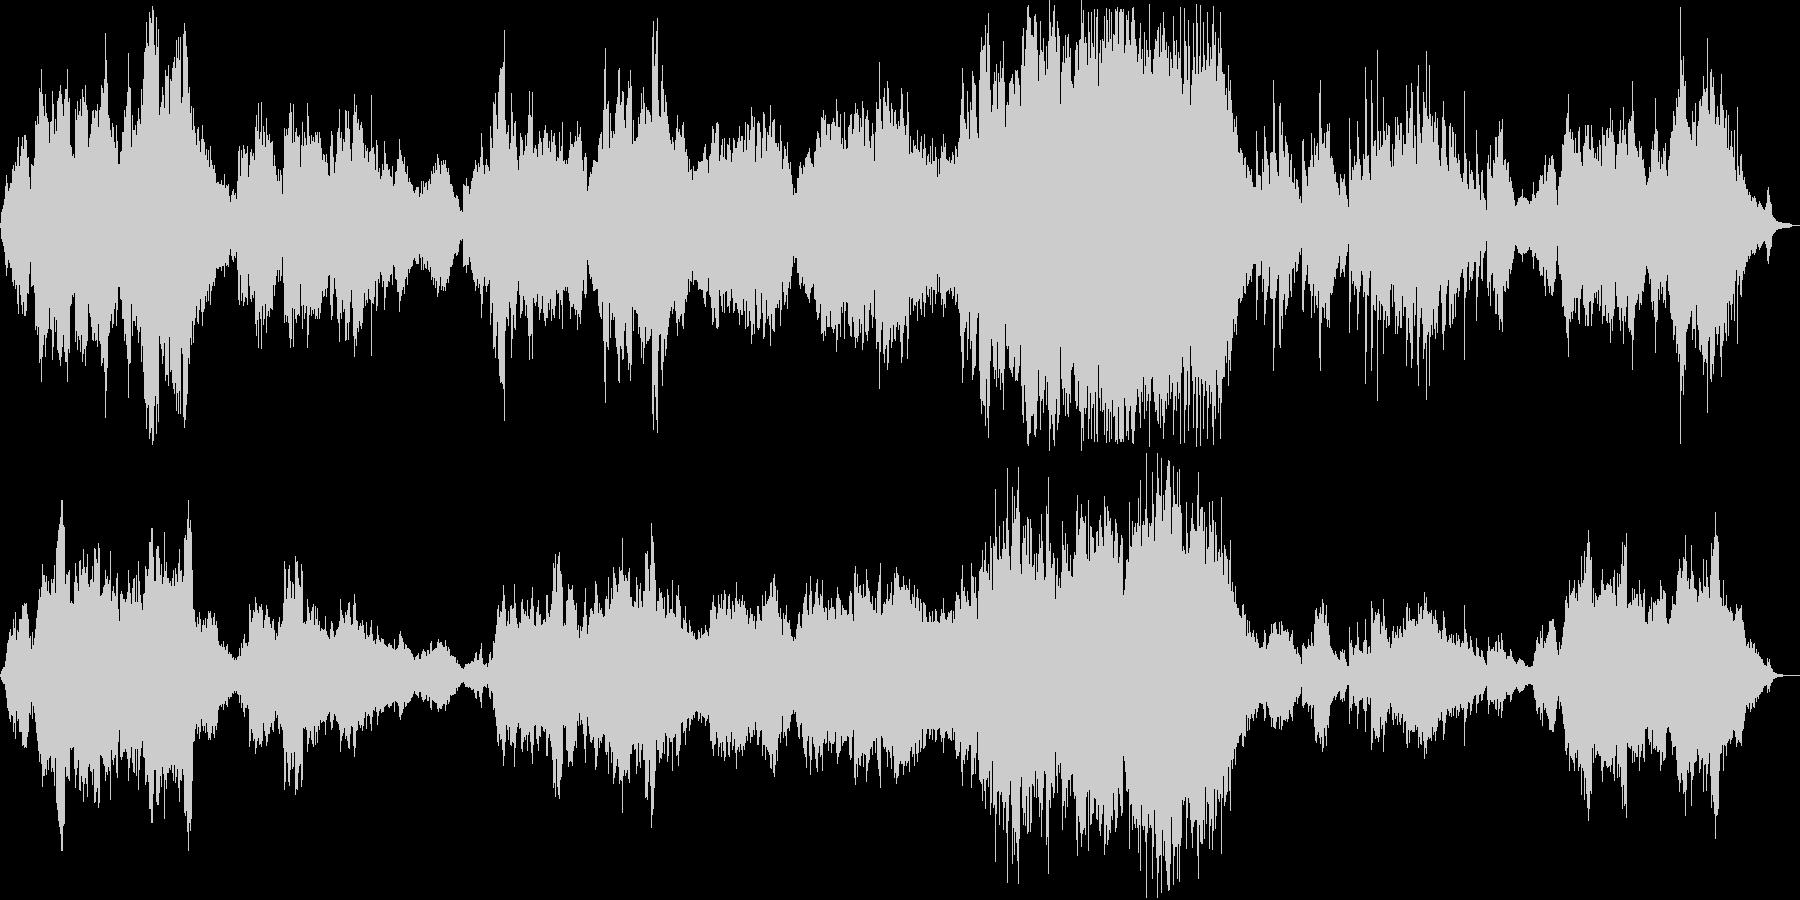 感動的なシンセ・管楽器などのサウンドの未再生の波形